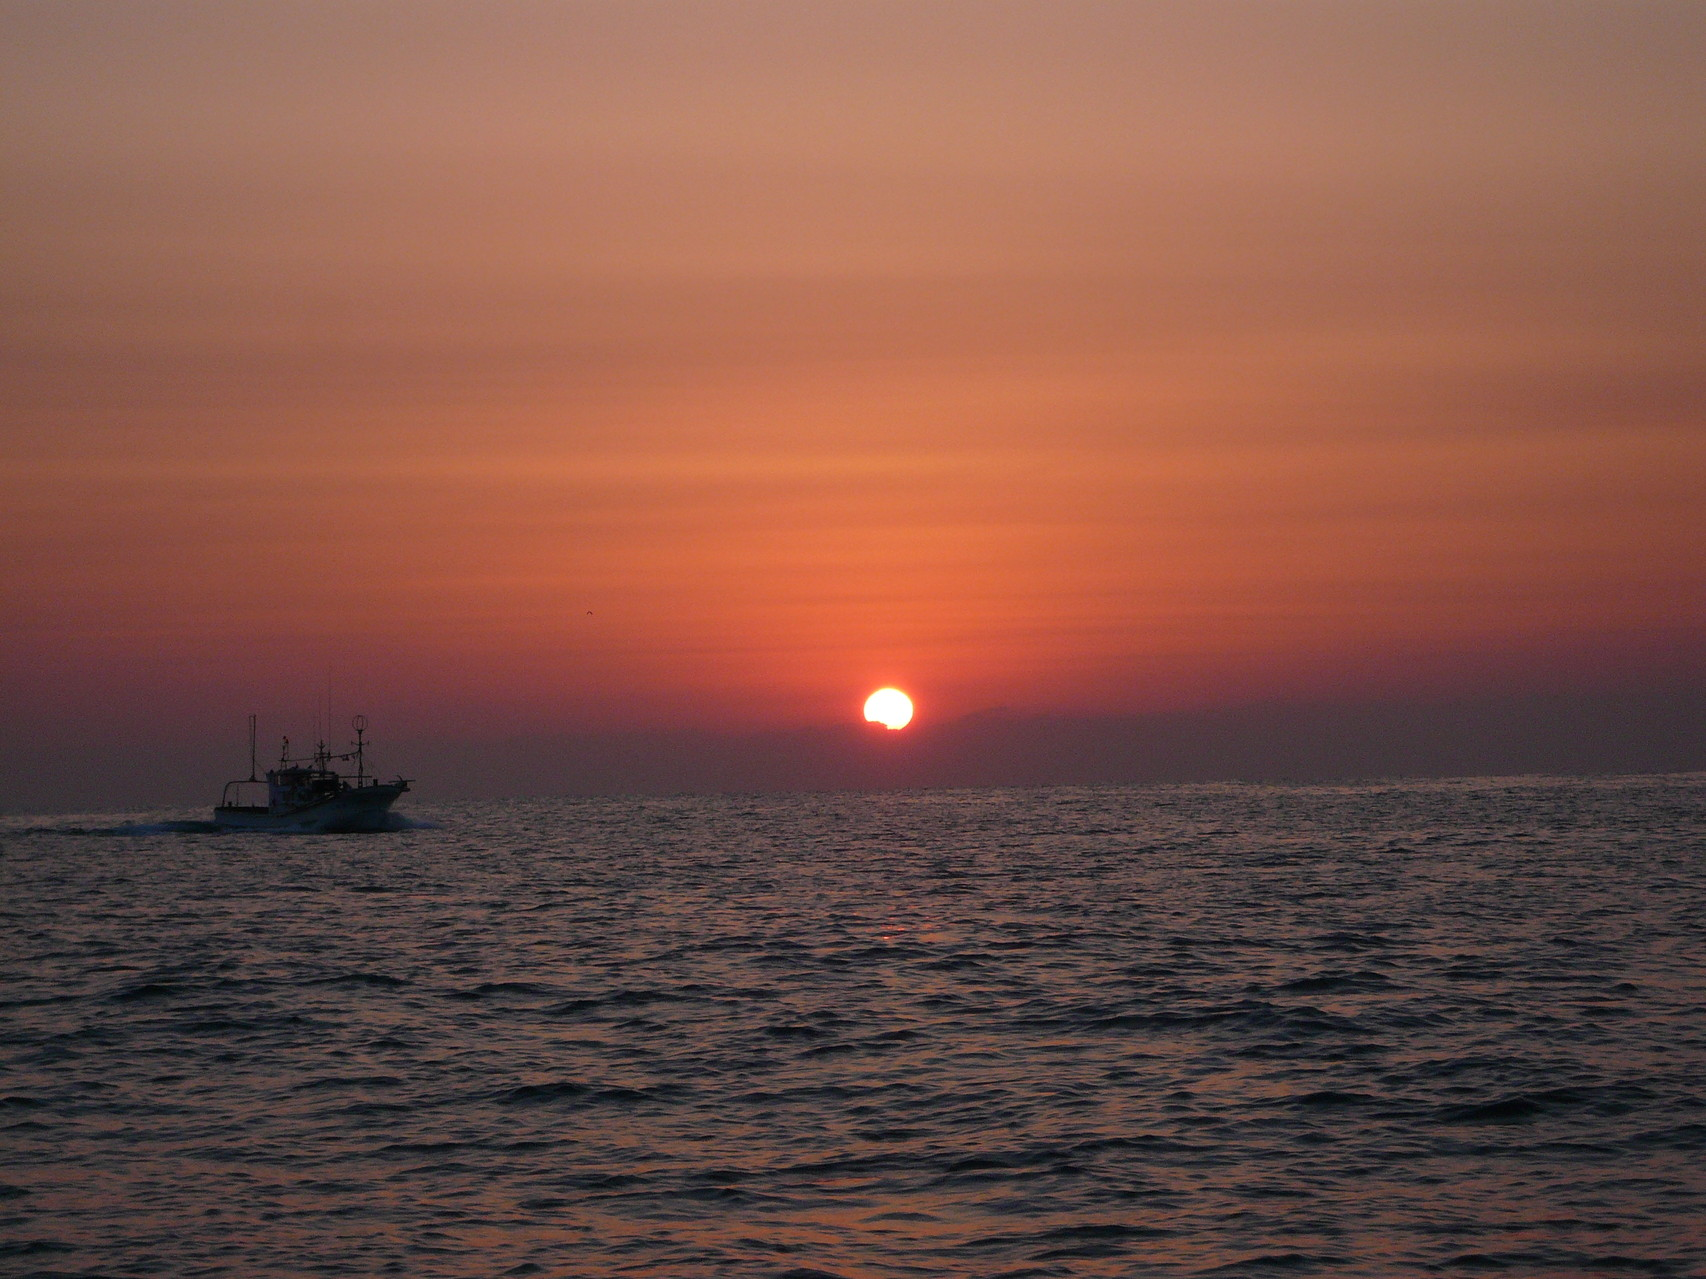 3月11日 サザエ網(たてあみ)から帰港の船 本船今から出船へ